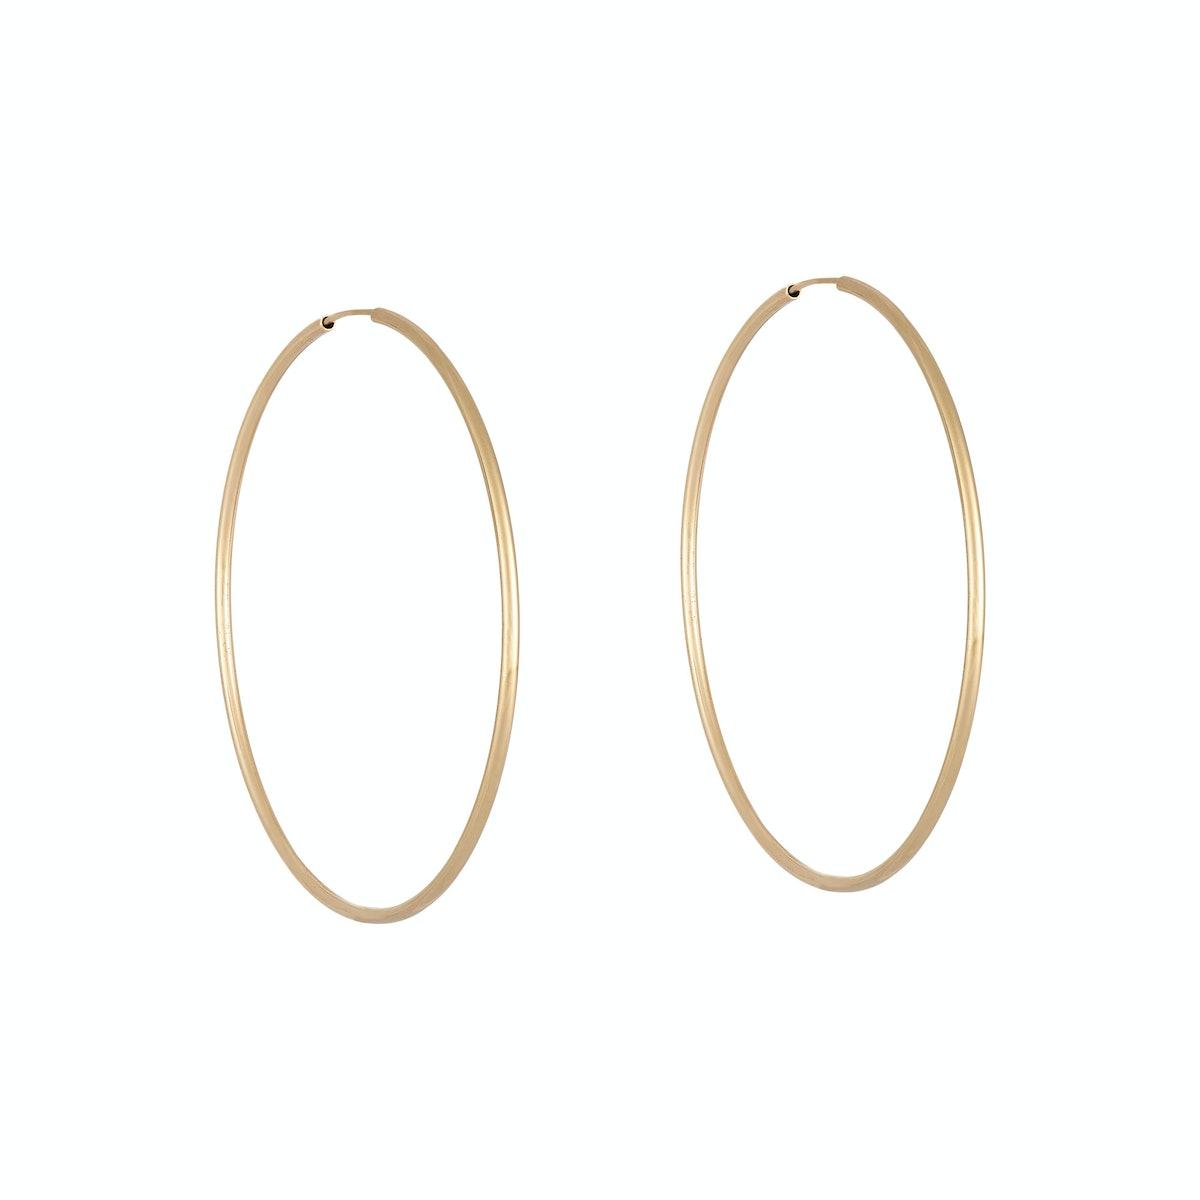 Loren Stewart earrings